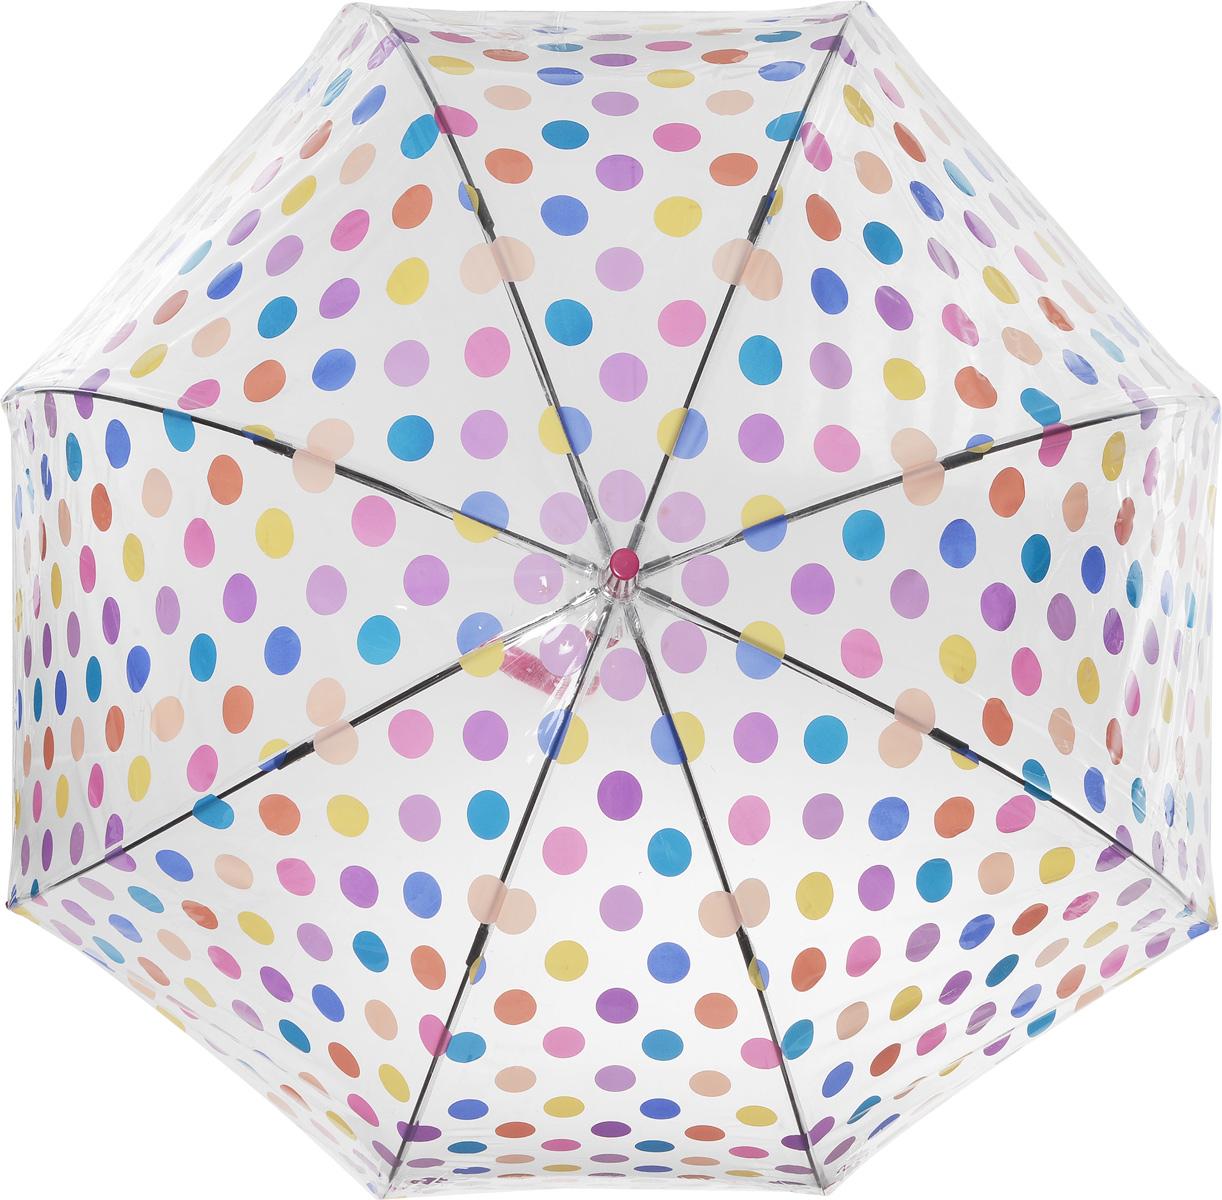 Зонт-трость женский Small Spots, механический, цвет: сиреневыйL042 3F2645Стильный куполообразный зонт-трость Small Spots, закрывающий голову и плечи, даже в ненастную погоду позволит вам оставаться элегантной. Каркас зонта выполнен из 8 спиц из фибергласса, стержень изготовлен из стали. Купол зонта выполнен из прозрачного ПВХ и оформлен принтом в горошек. Рукоятка закругленной формы разработана с учетом требований эргономики и изготовлена из пластика. Зонт имеет механический тип сложения: купол открывается и закрывается вручную до характерного щелчка. Такой зонт не только надежно защитит вас от дождя, но и станет стильным аксессуаром.